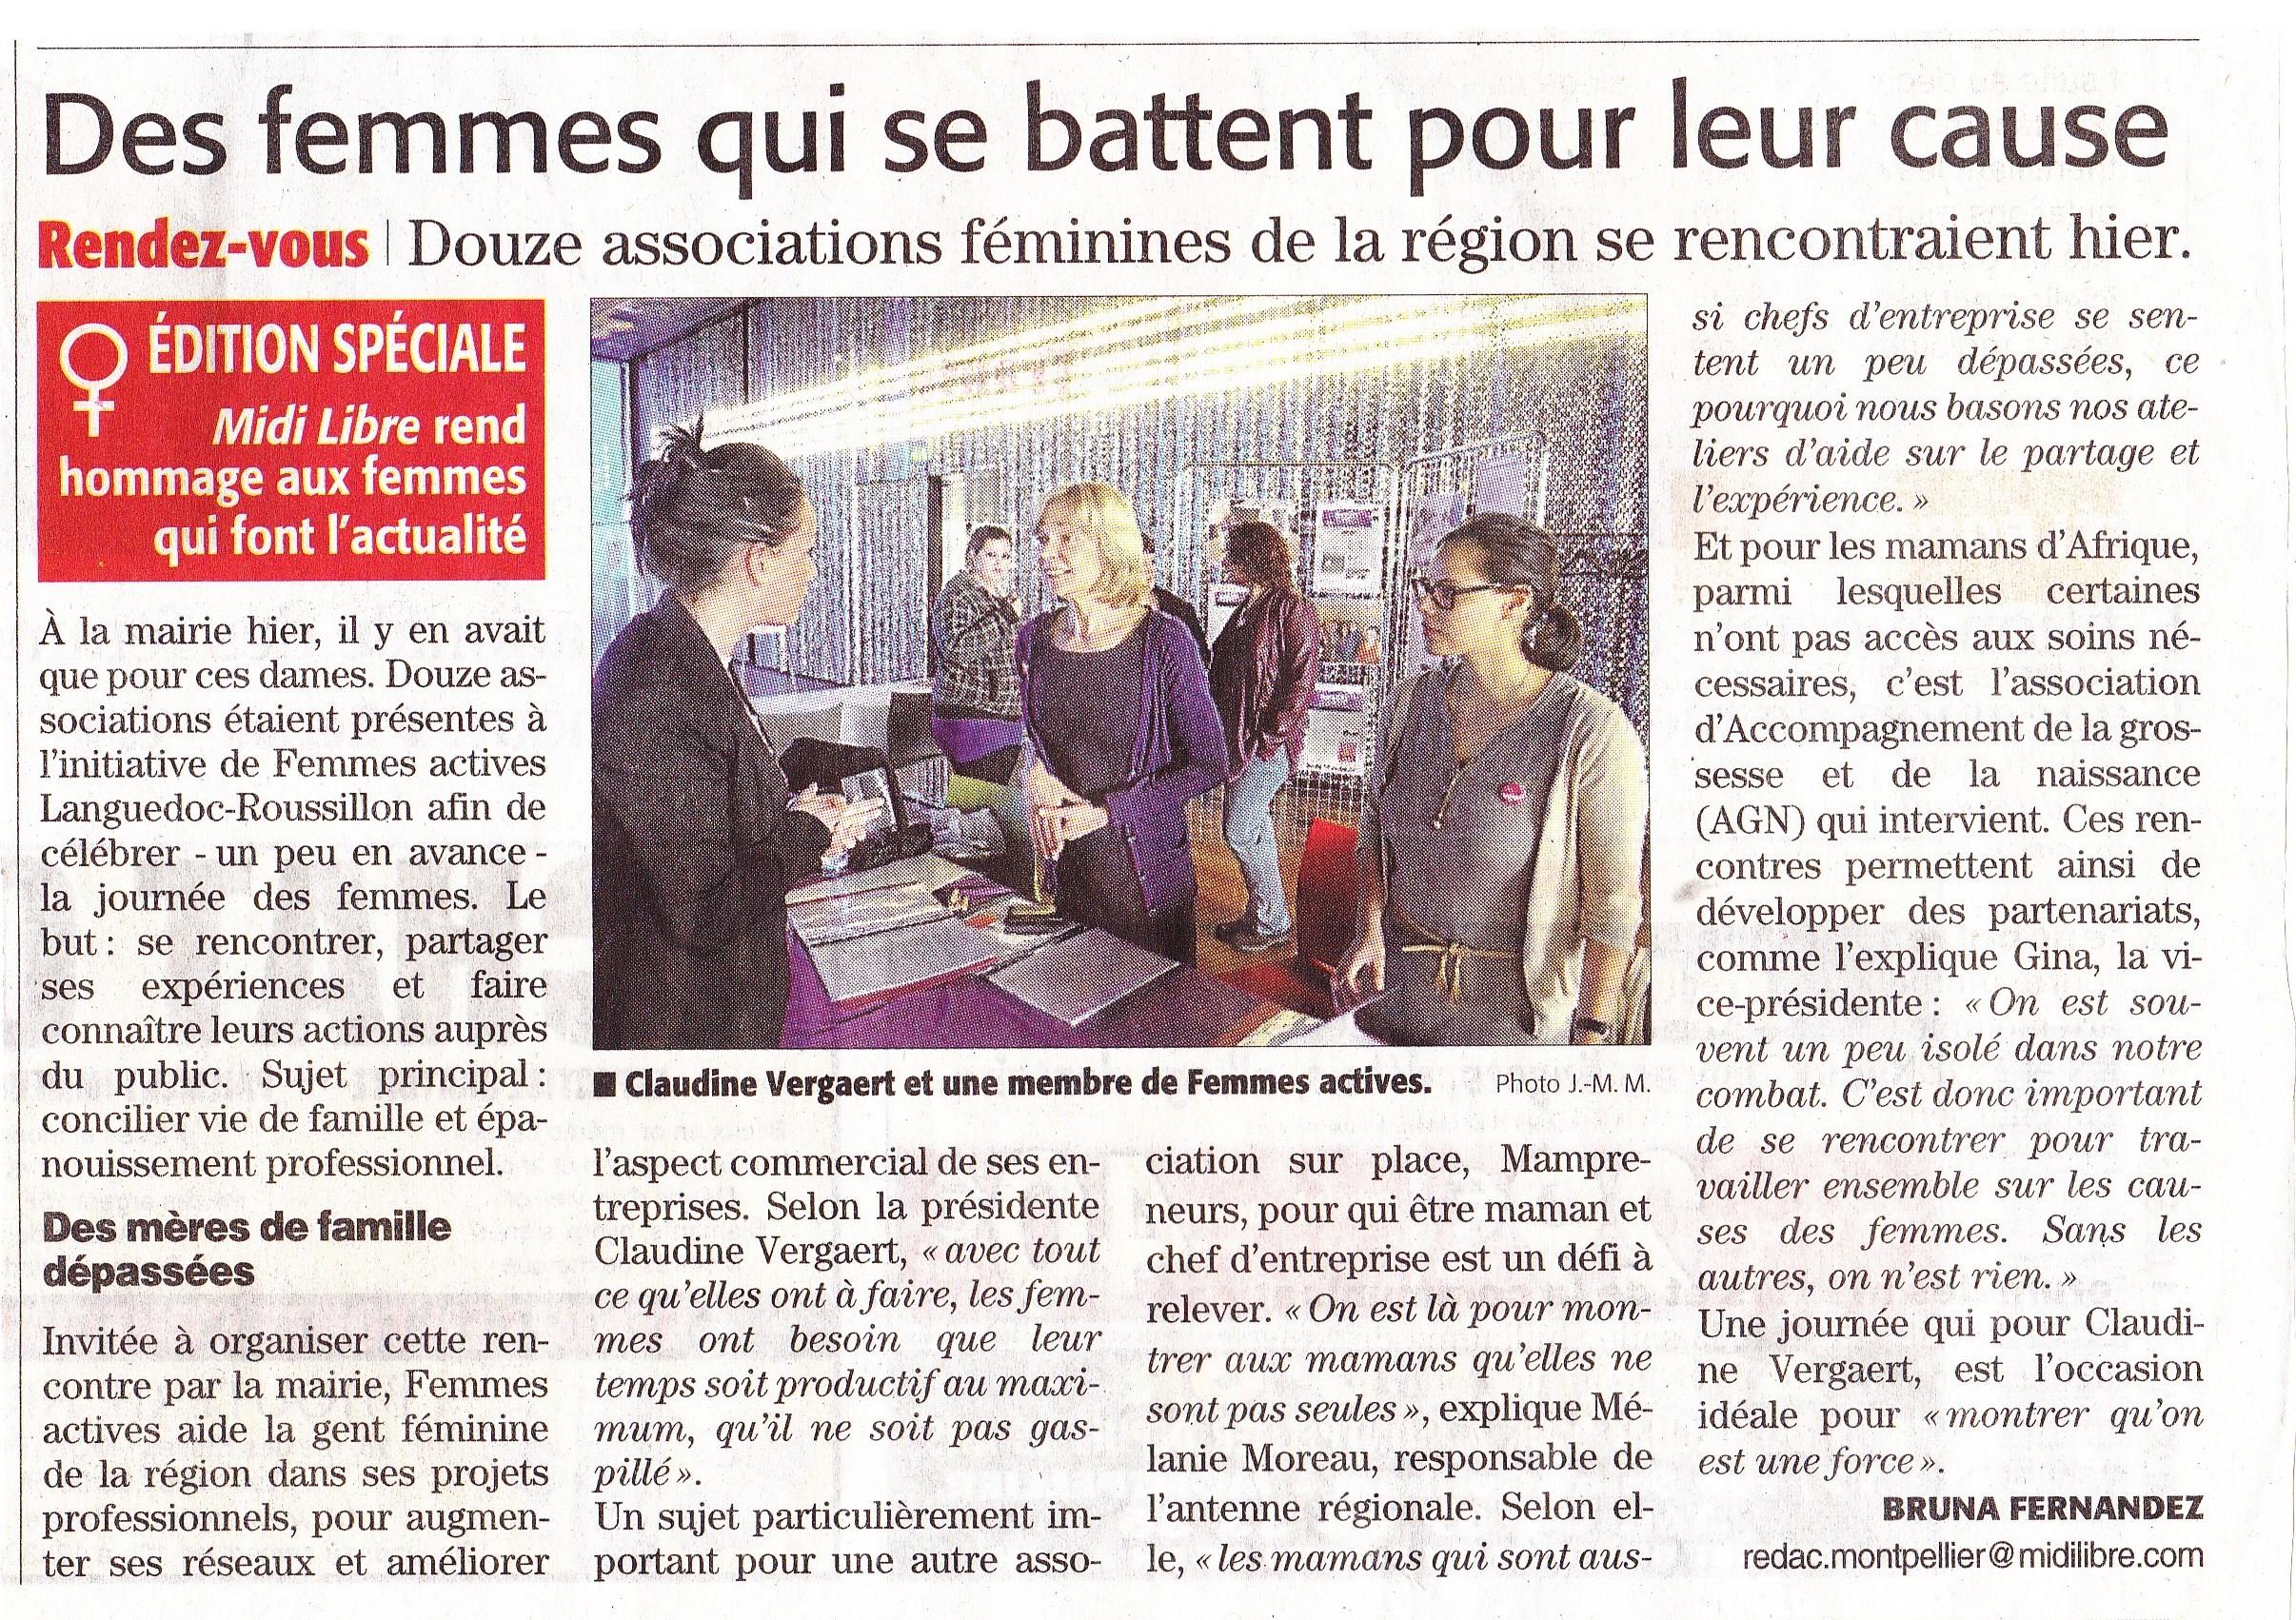 Articles Midi Libre 8 mars 2013 - Journée du 7 mars 2013 à la Mairie de Montpellier